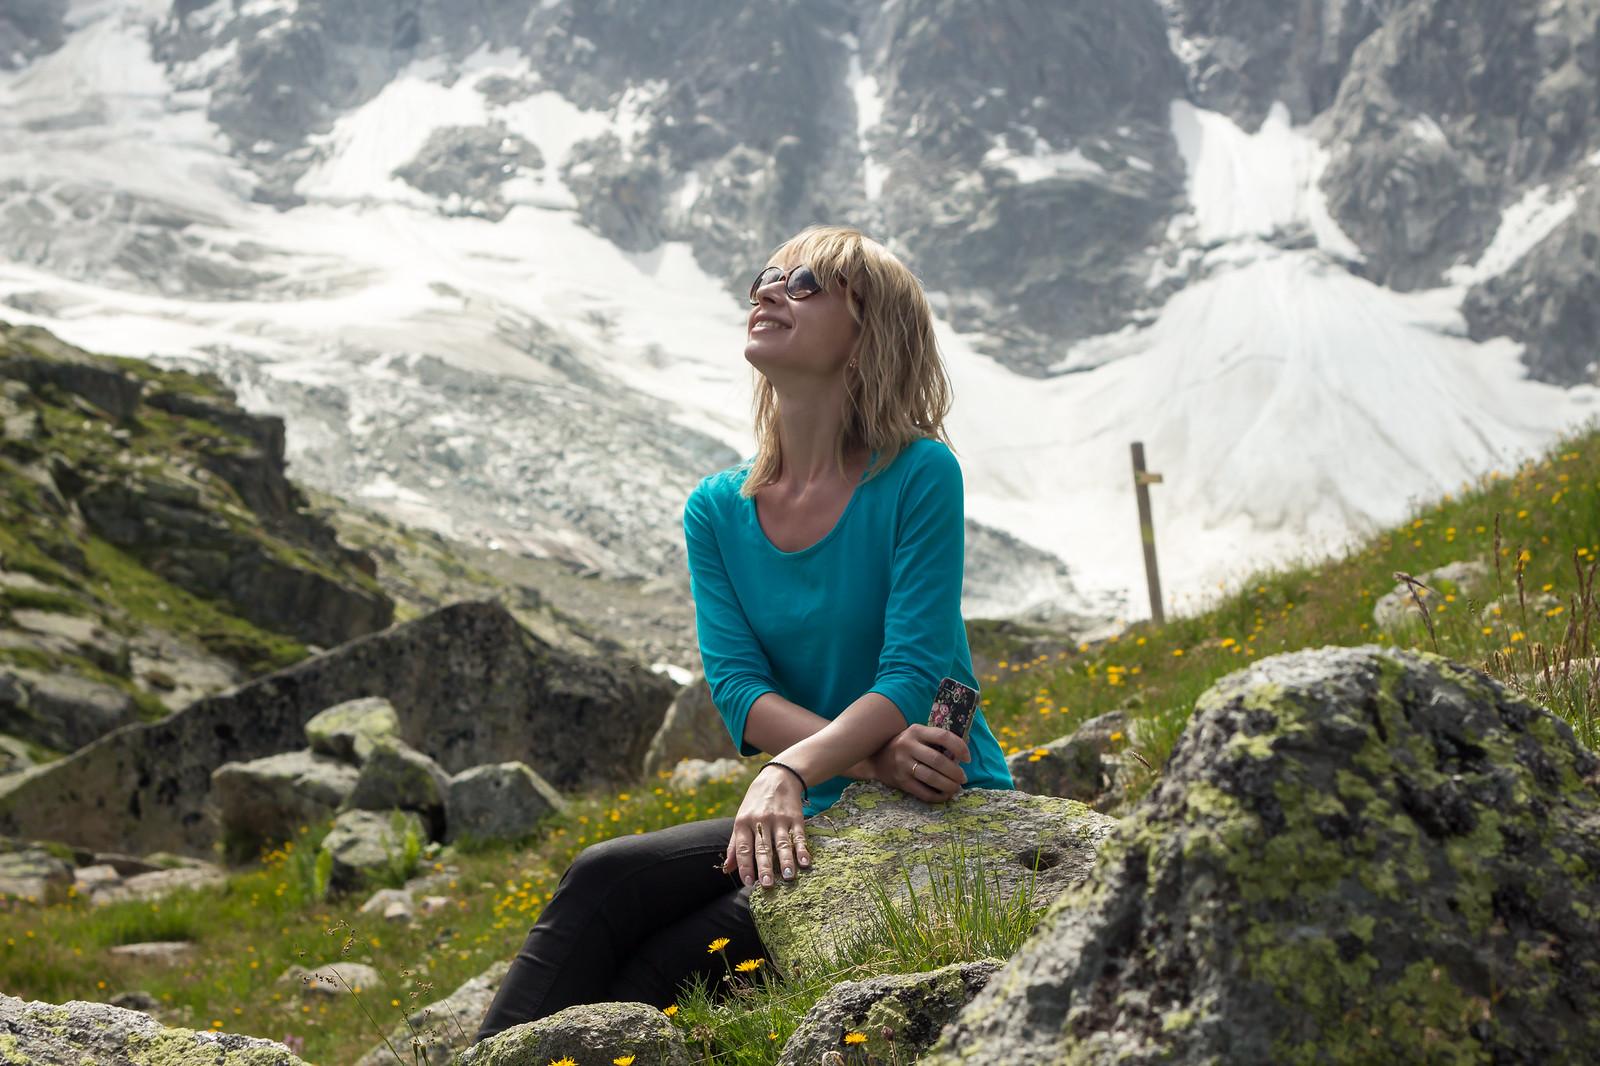 Шамони Мон-Блан - Ну и тут чудесные камешки и лужайки - плюс немного разреженный чистейший воздух - фотографии прям получаются :)